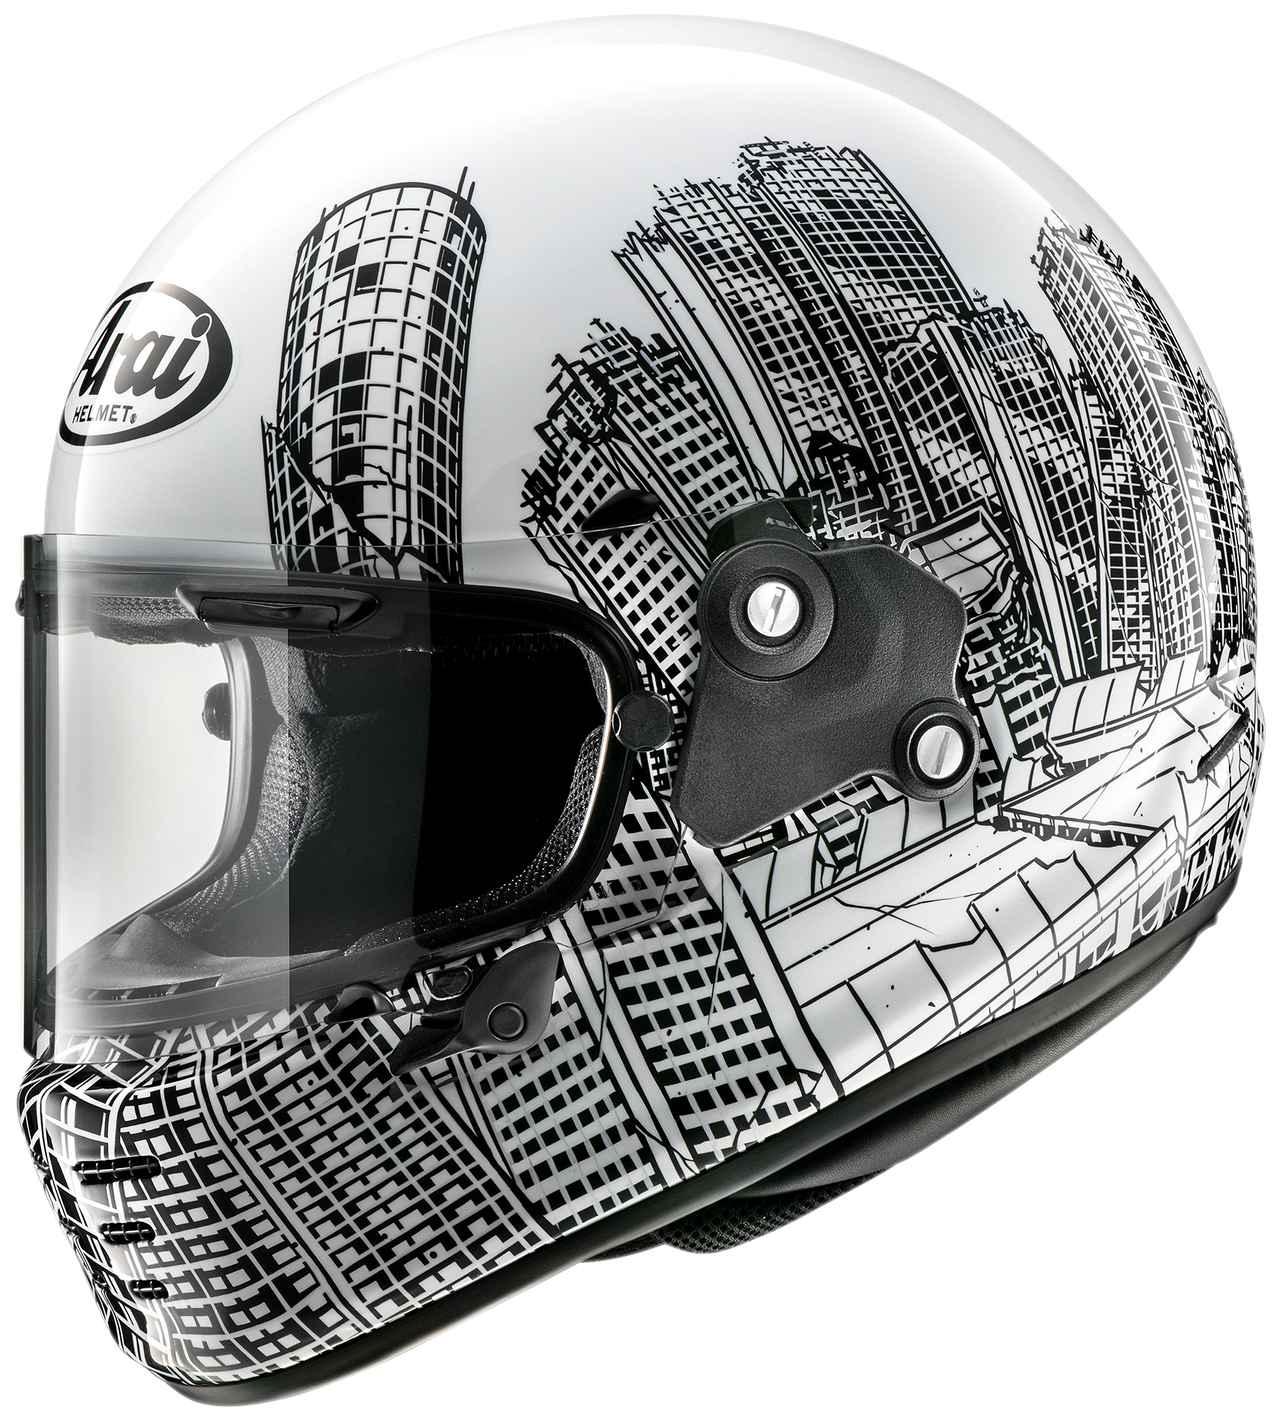 Images : 1番目の画像 - アライヘルメット「ラパイド・ネオ ロアーズ」 - webオートバイ